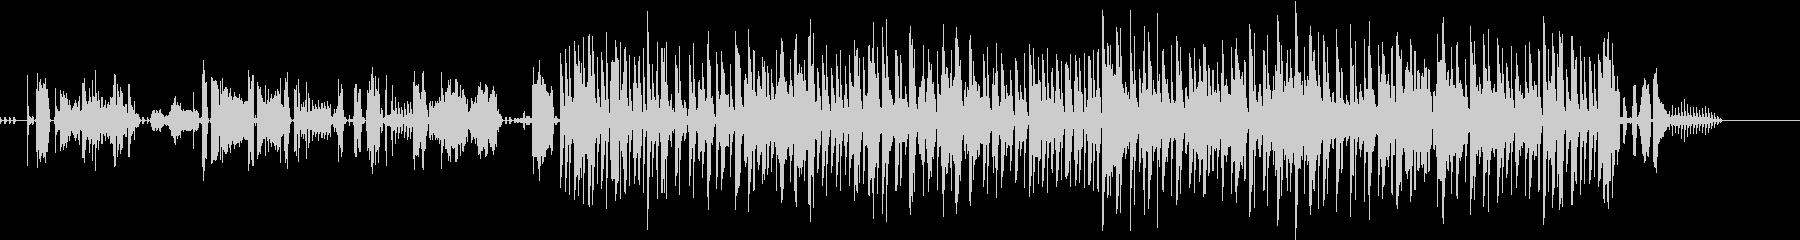 無機質なエレクトロ+ドラムの未再生の波形